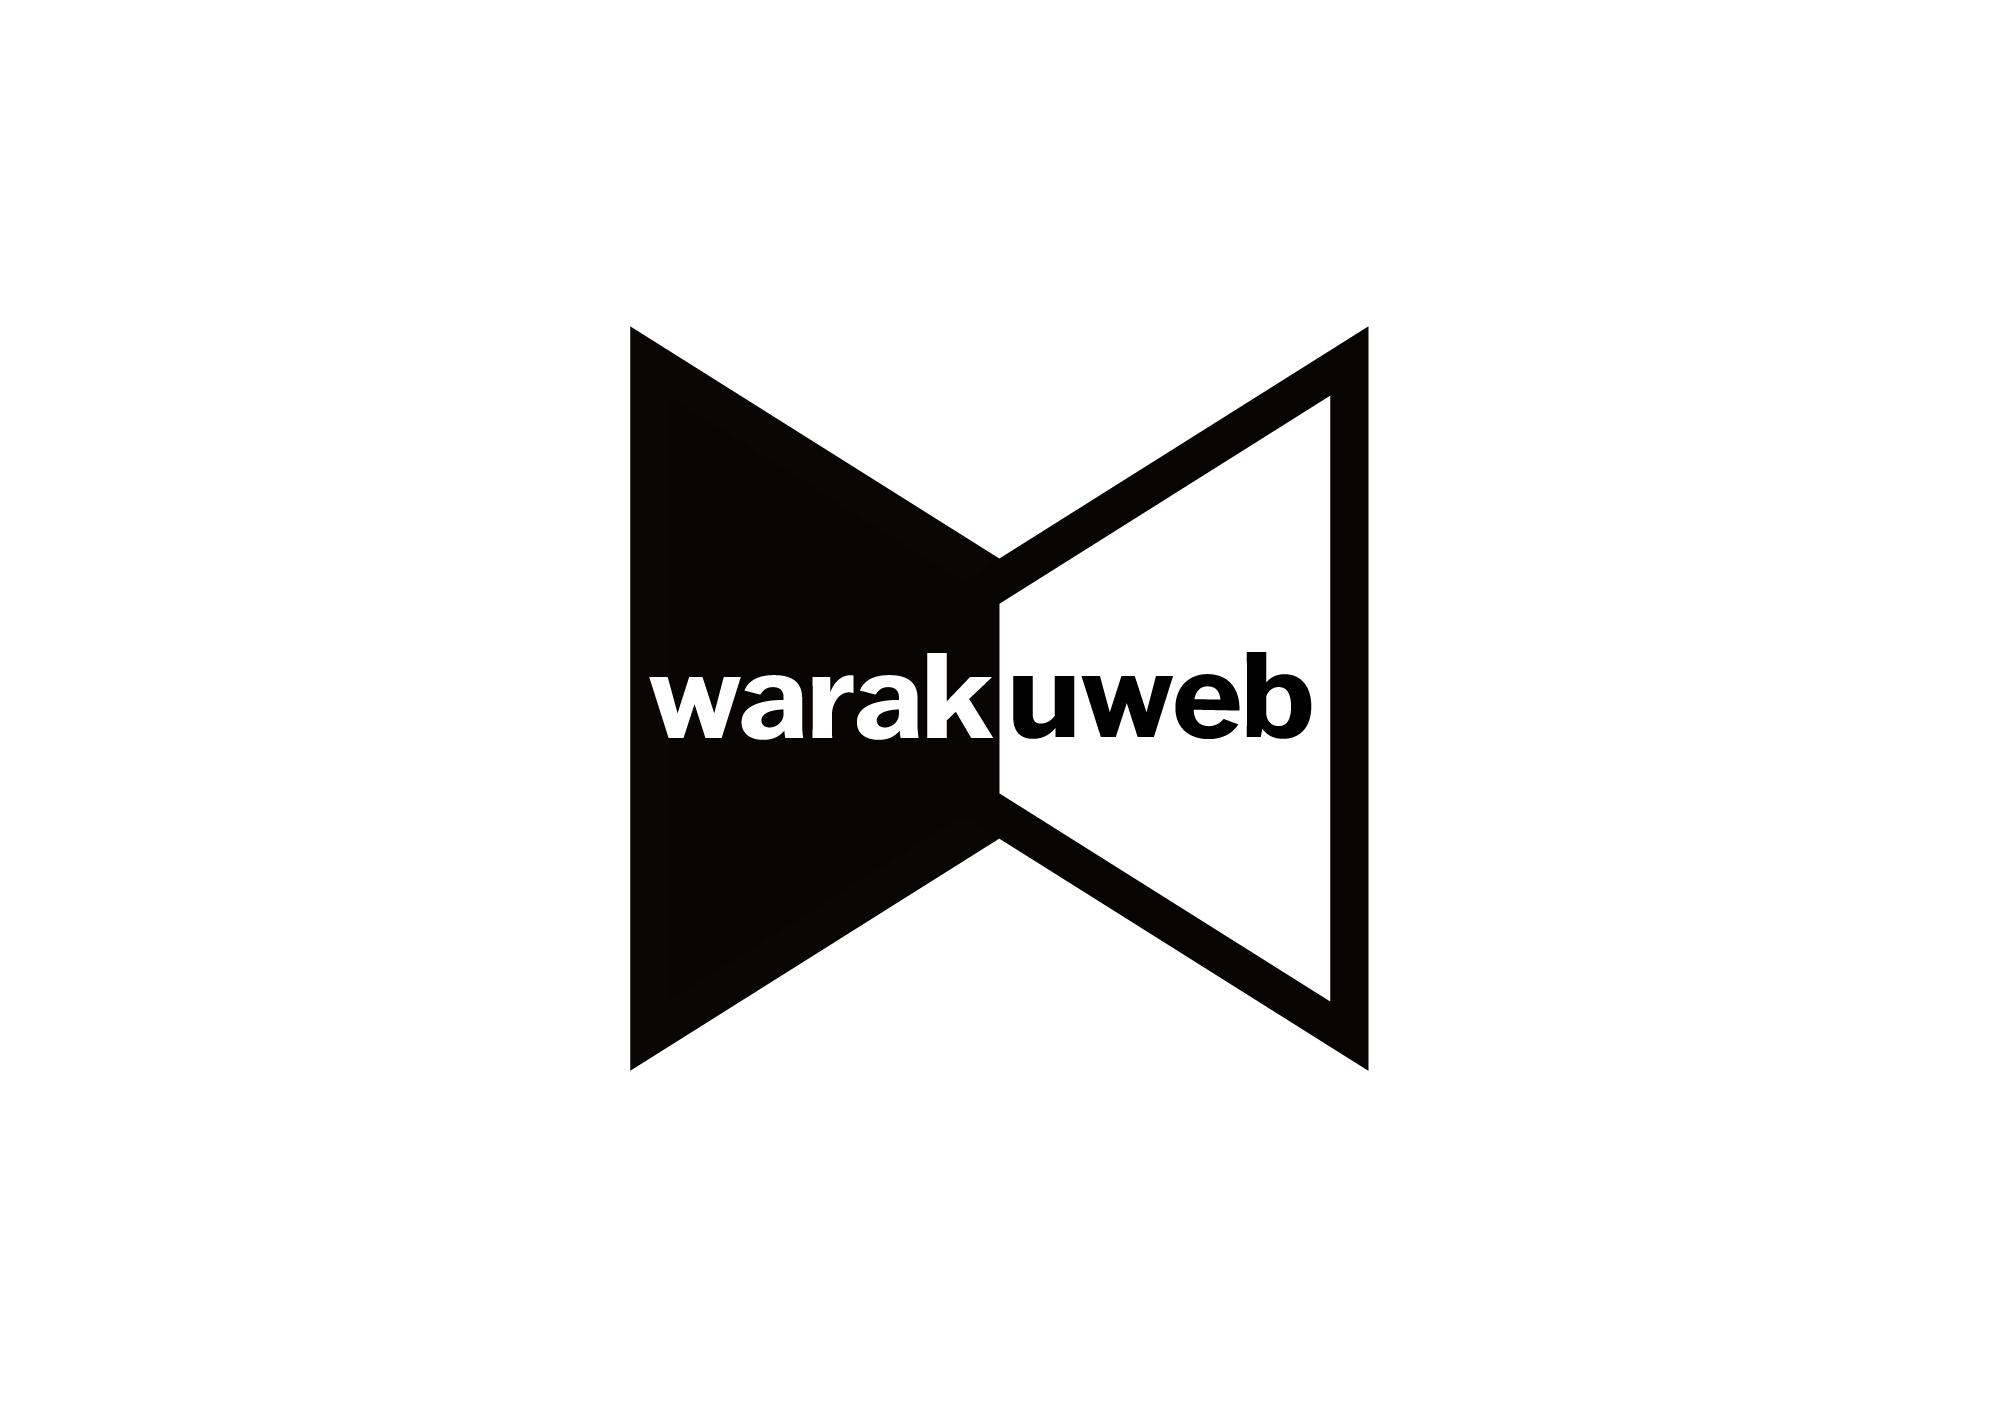 warakuweb